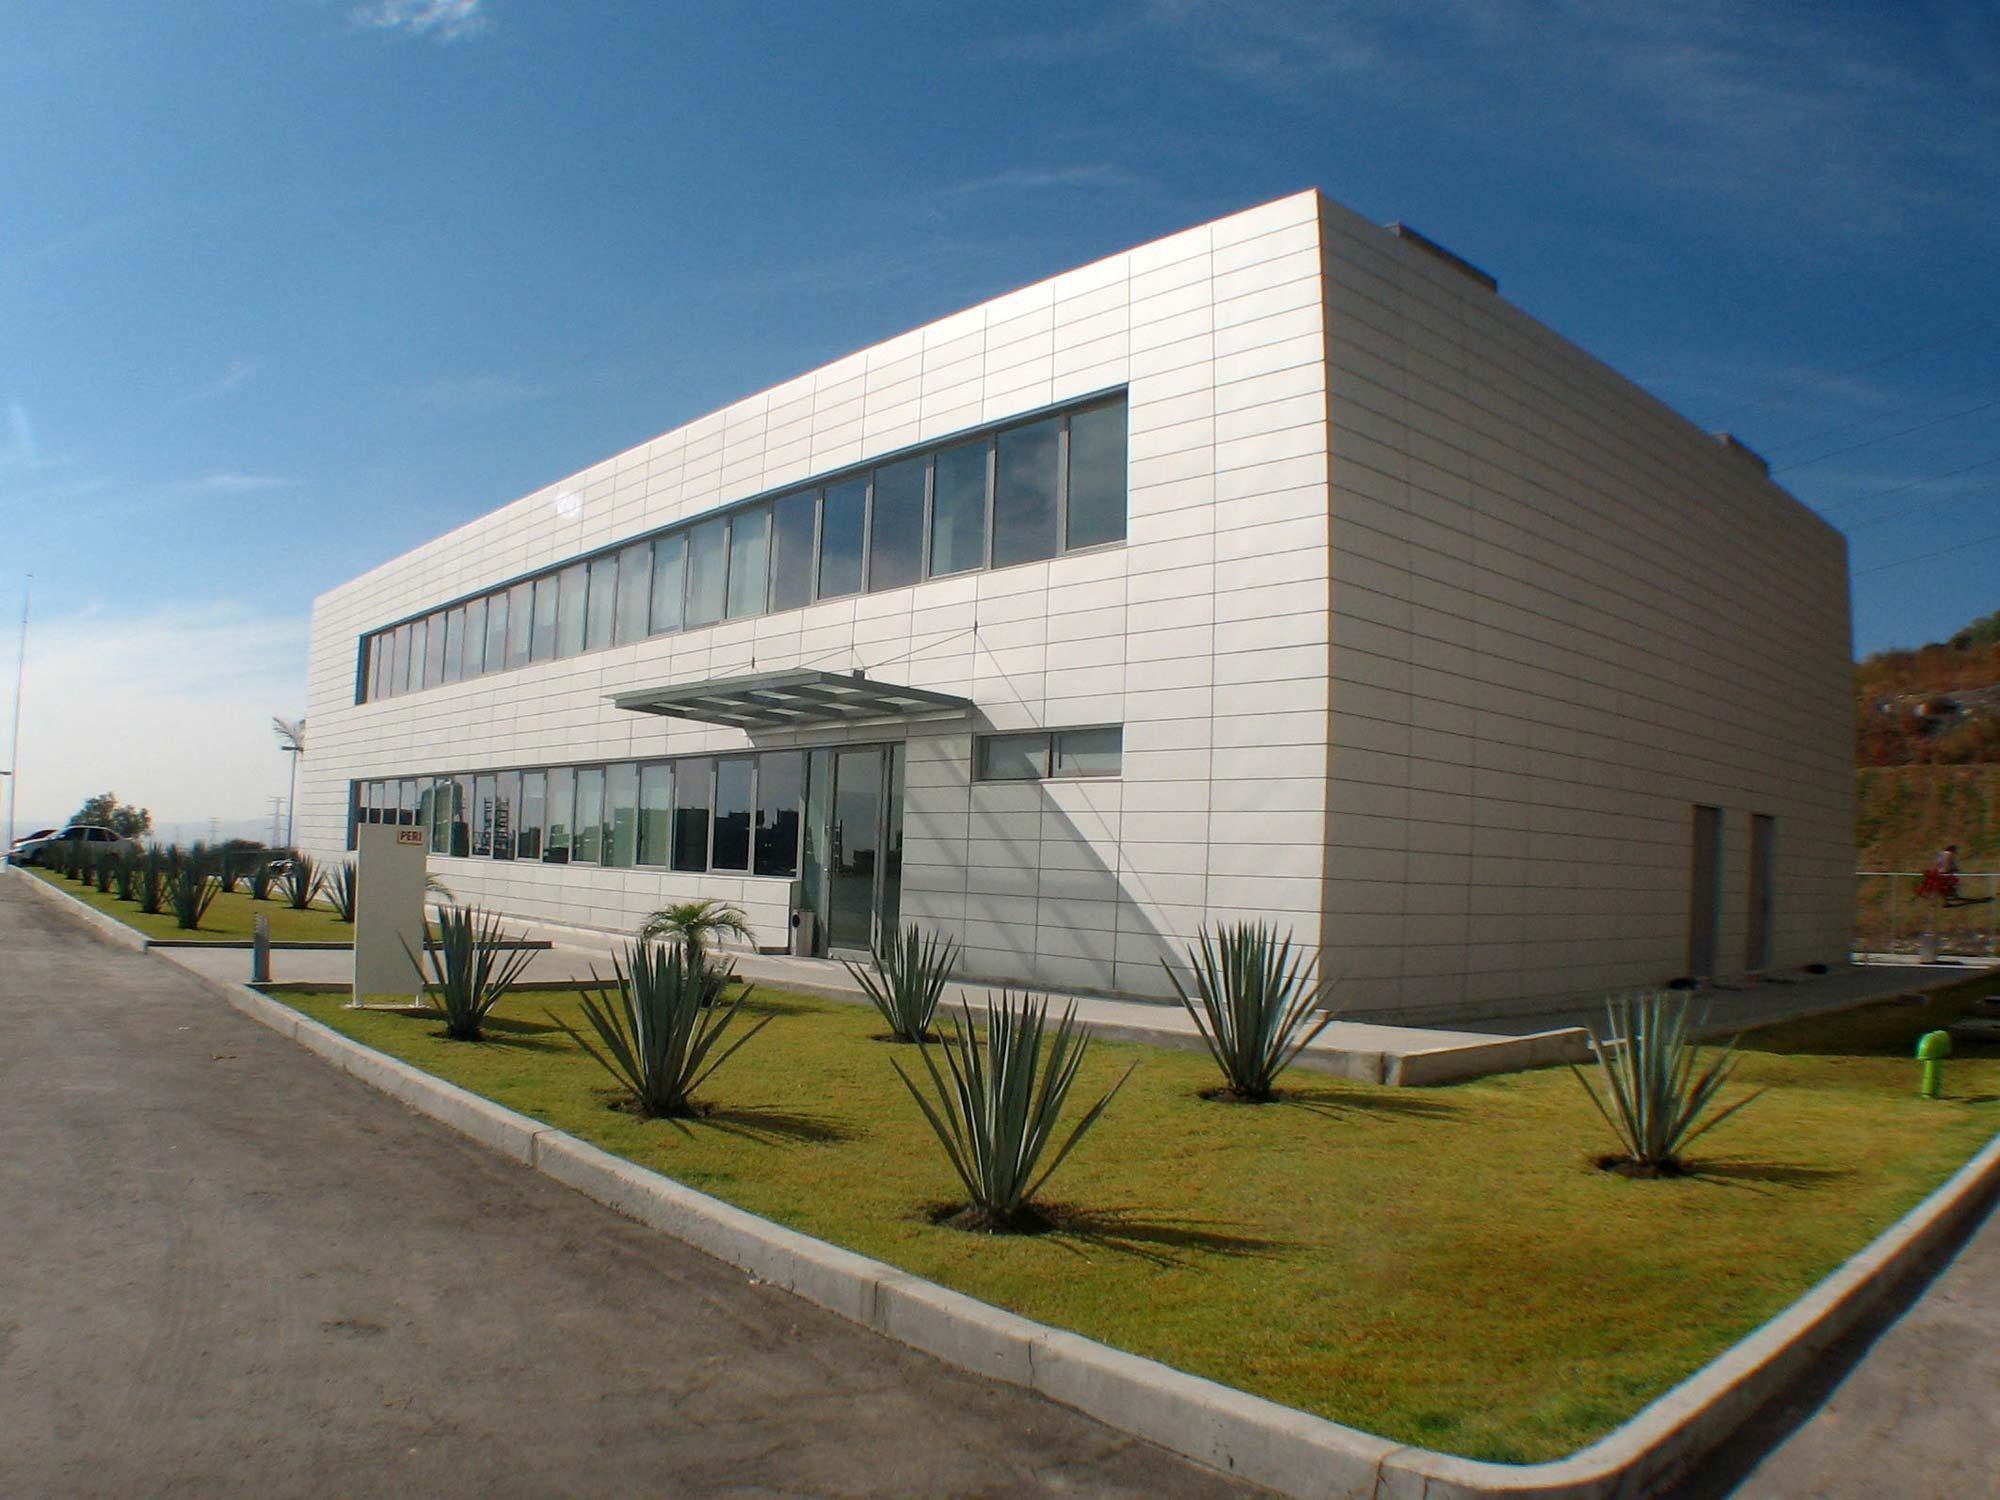 Construcci n de oficinas corporativas for Construccion de oficinas